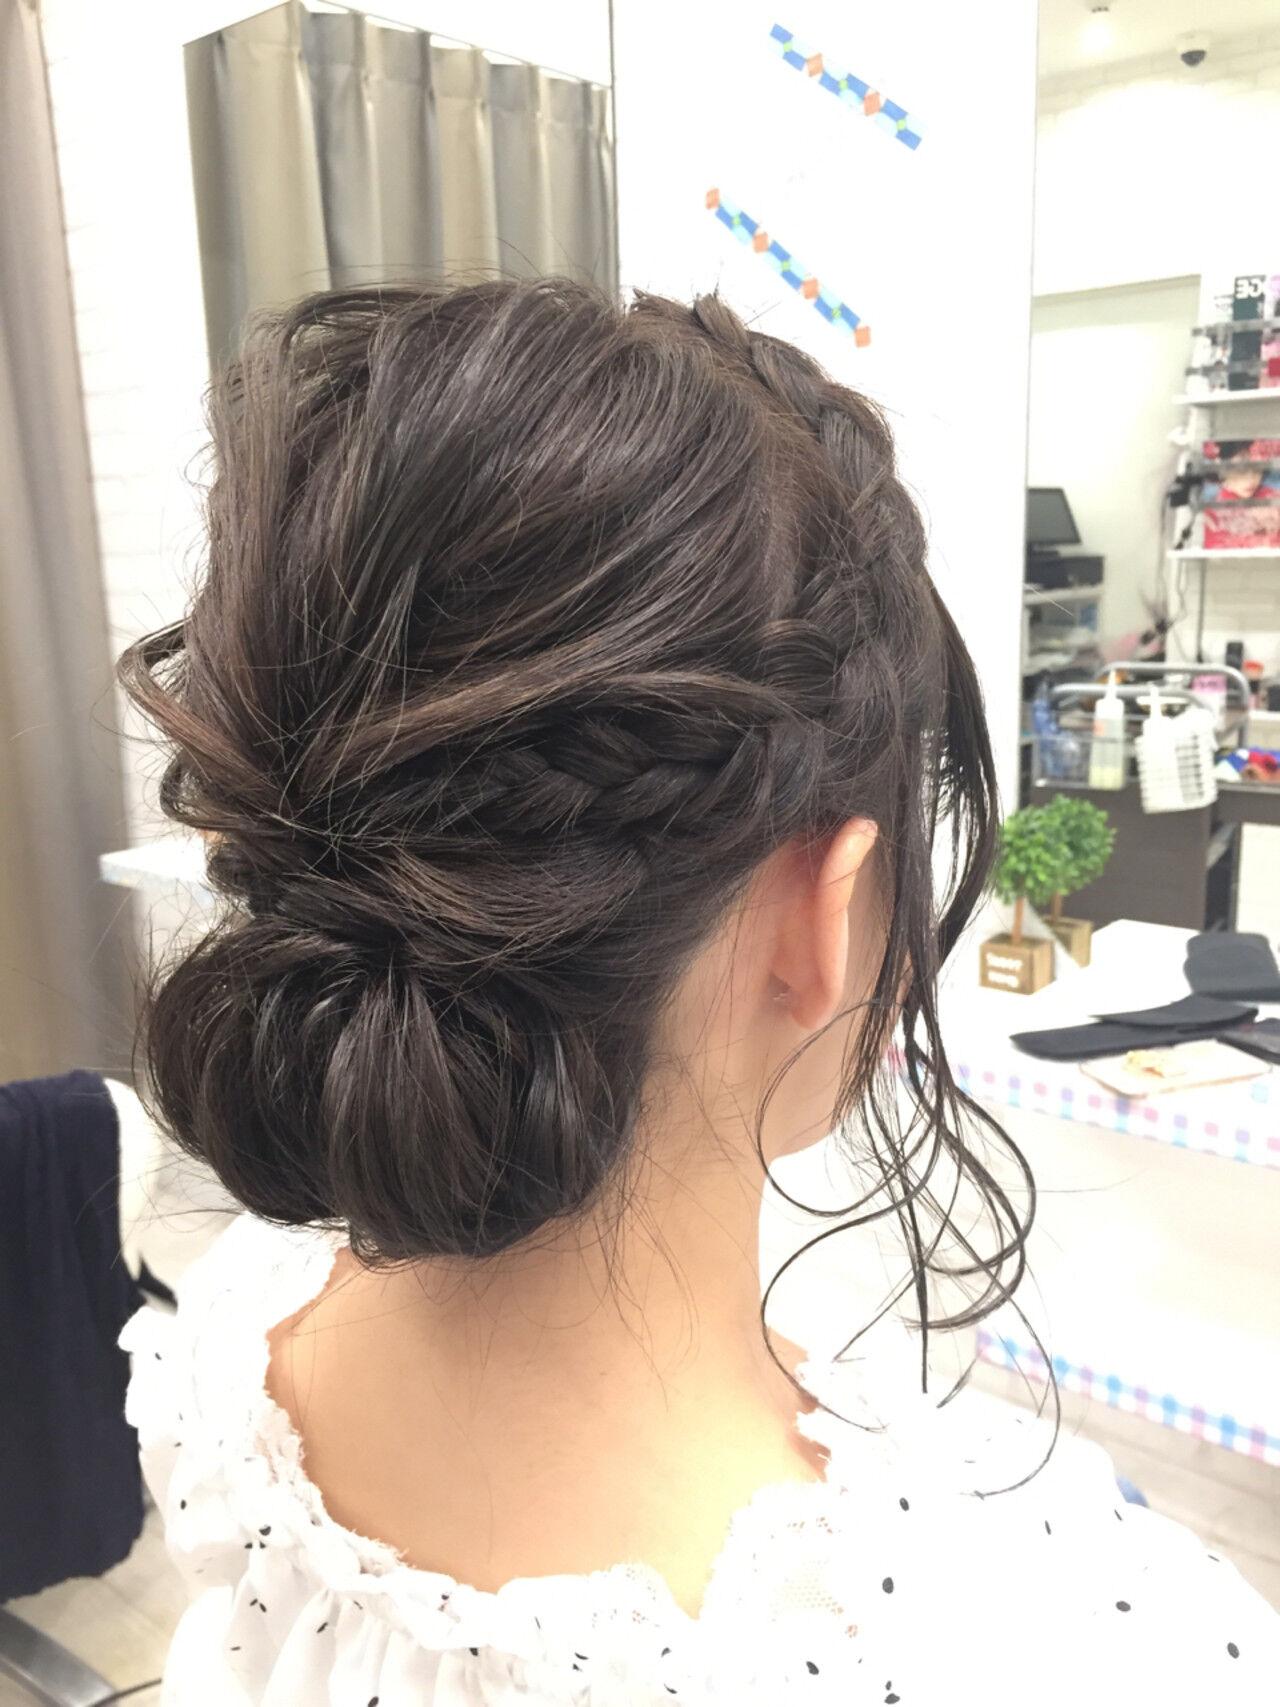 成人式 パーティ ボブ ヘアアレンジヘアスタイルや髪型の写真・画像